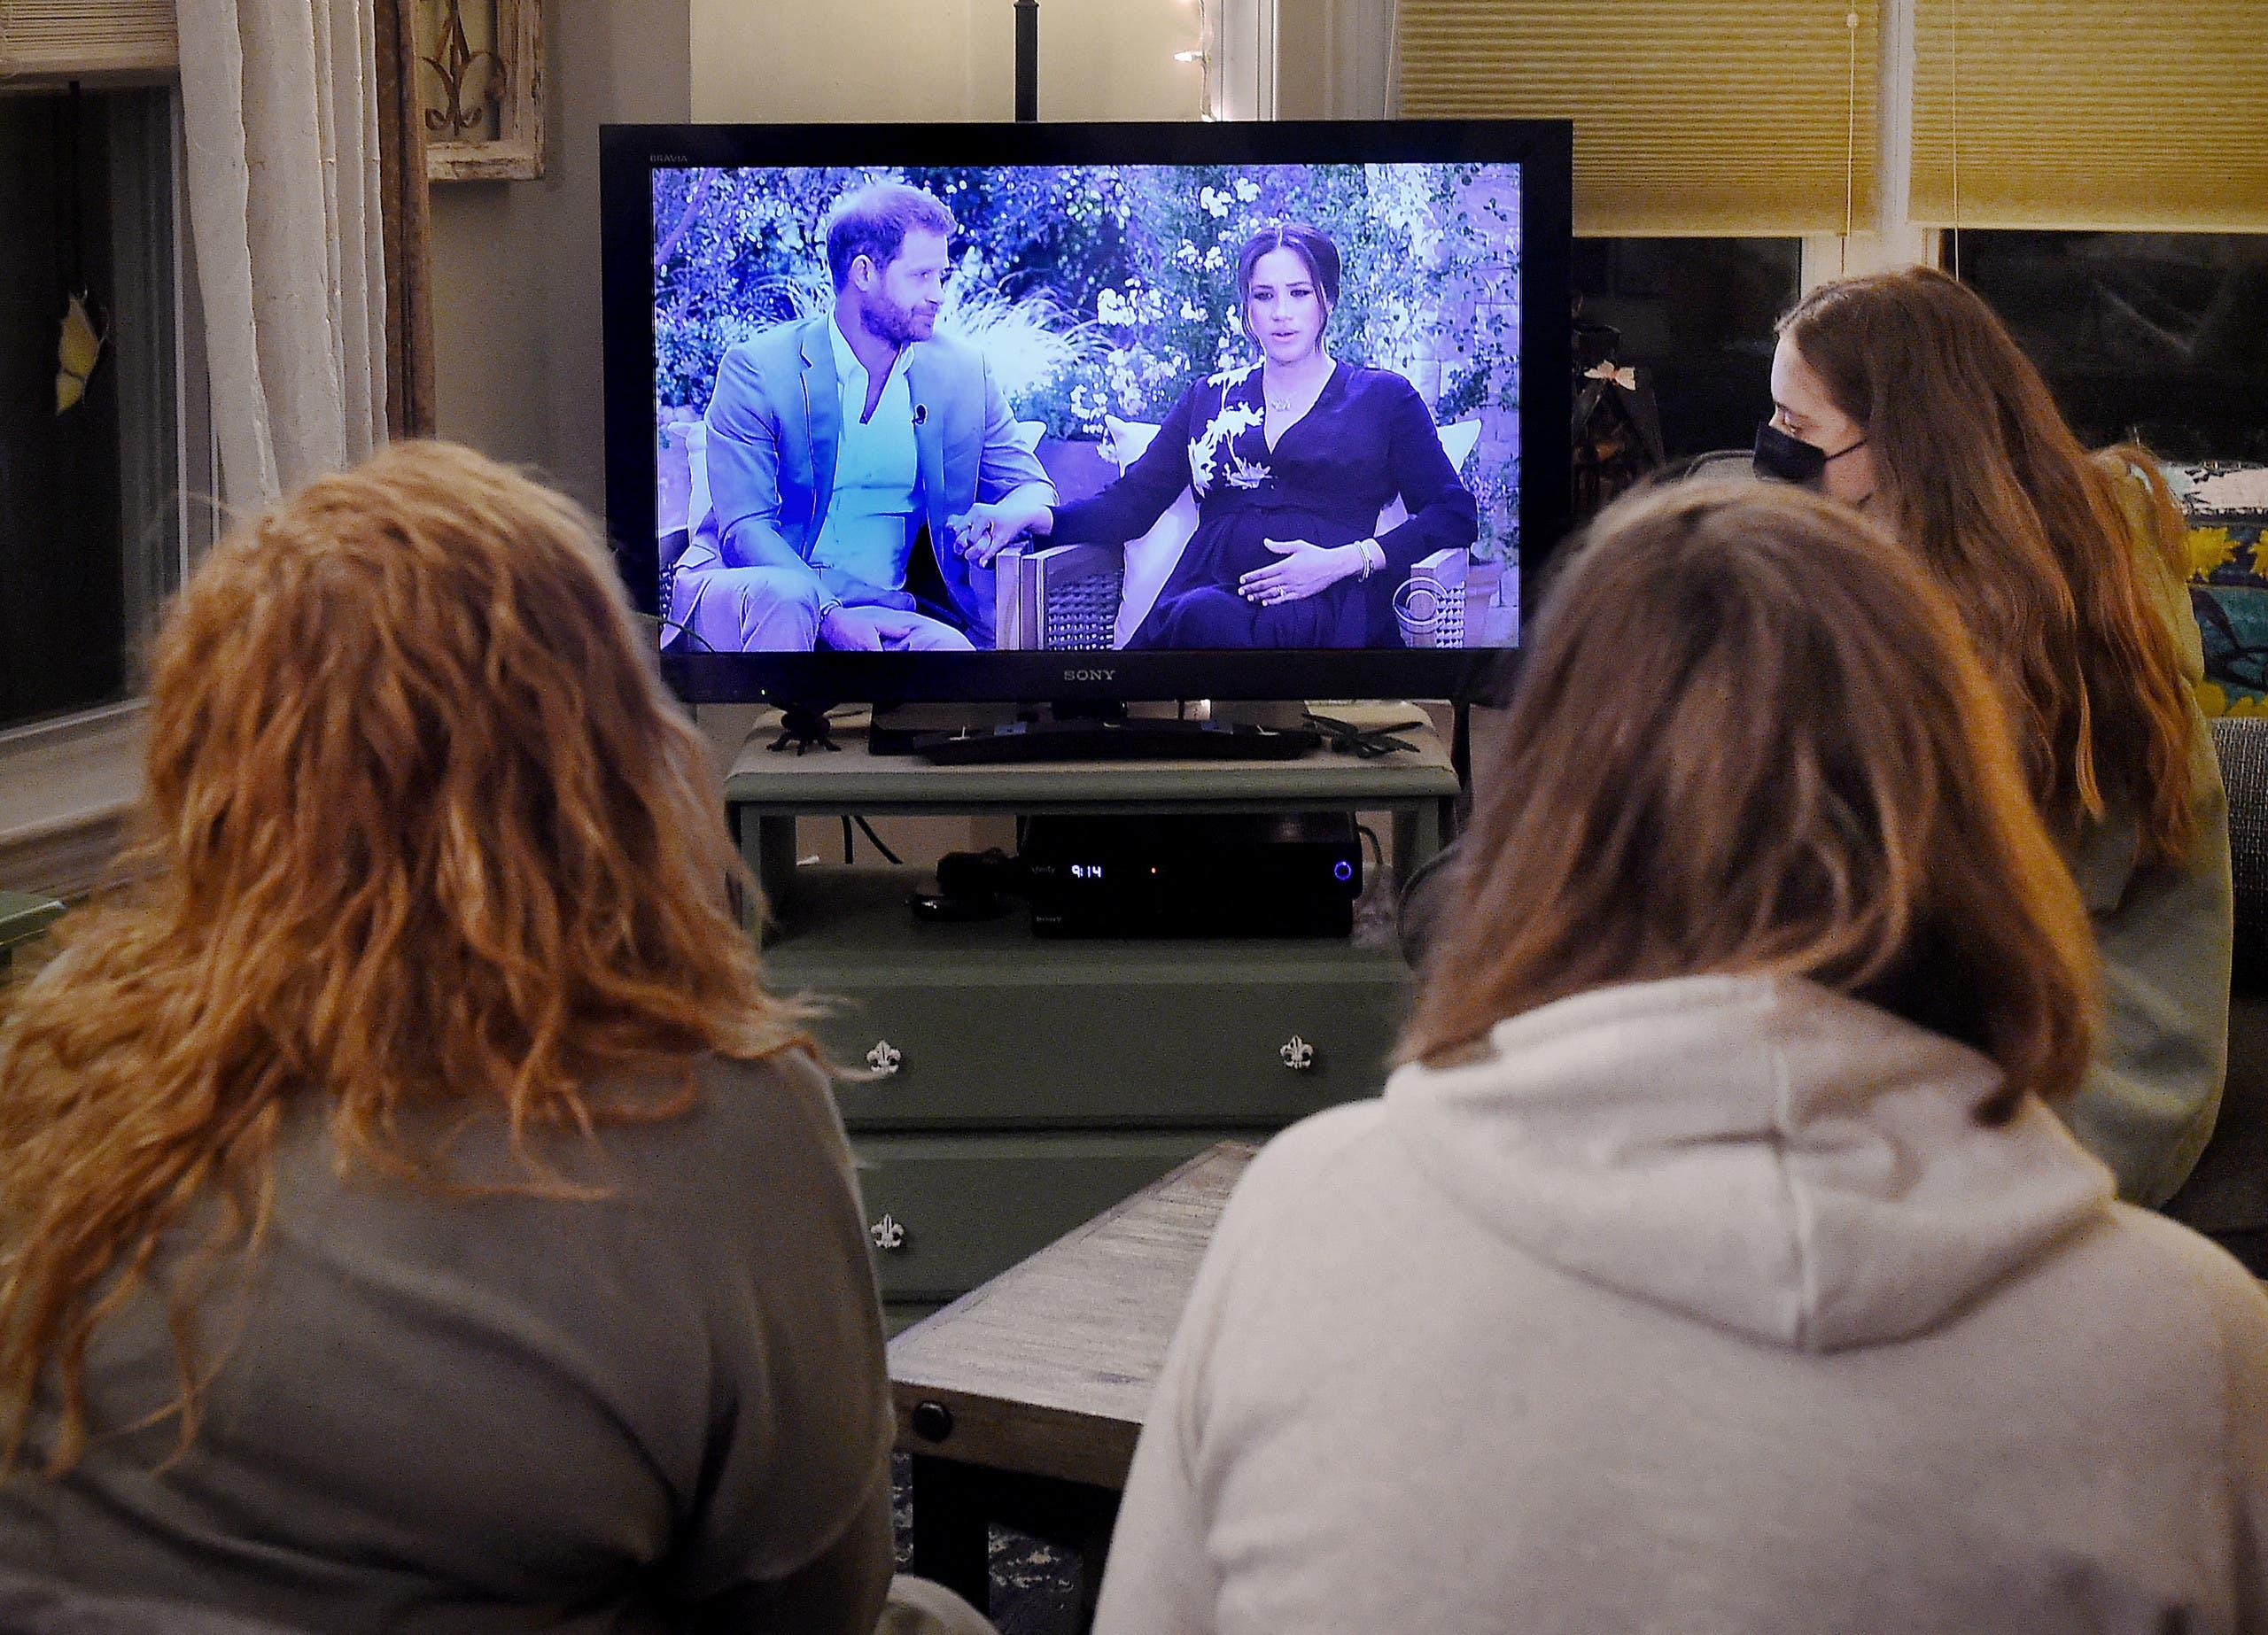 مشاهدون في الولايات المتحدة يتابعون مقابلة الأمير هاري وميغان